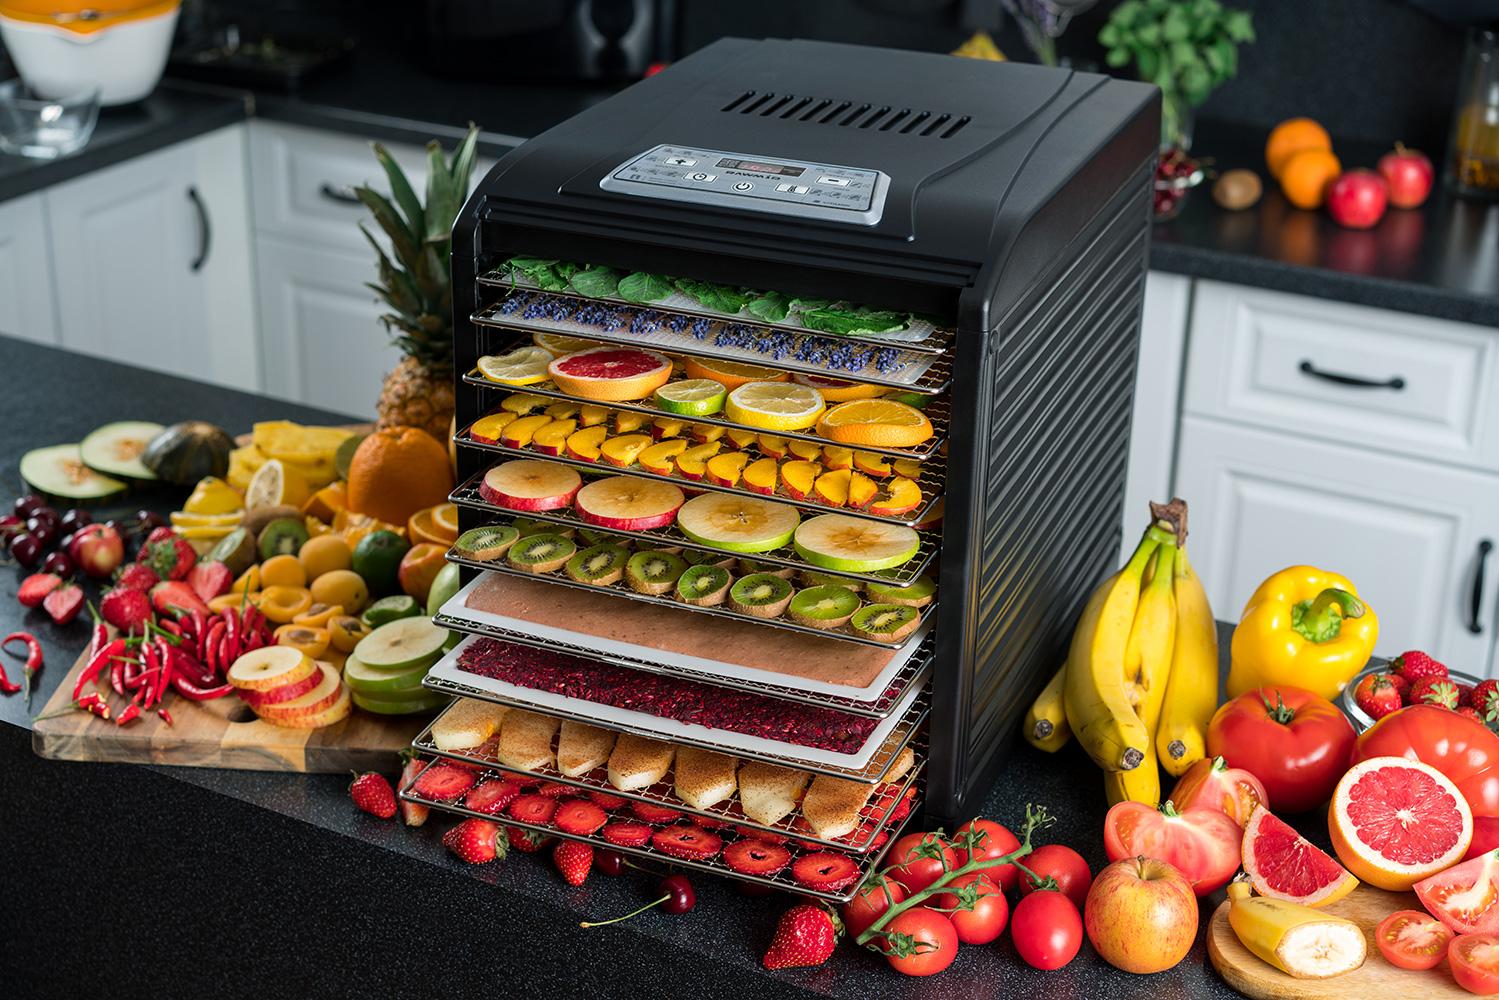 Как выбрать дегидратор? топ 6 хороших сушилок для овощей и фруктов | обзоры бытовой техники на gooosha.ru